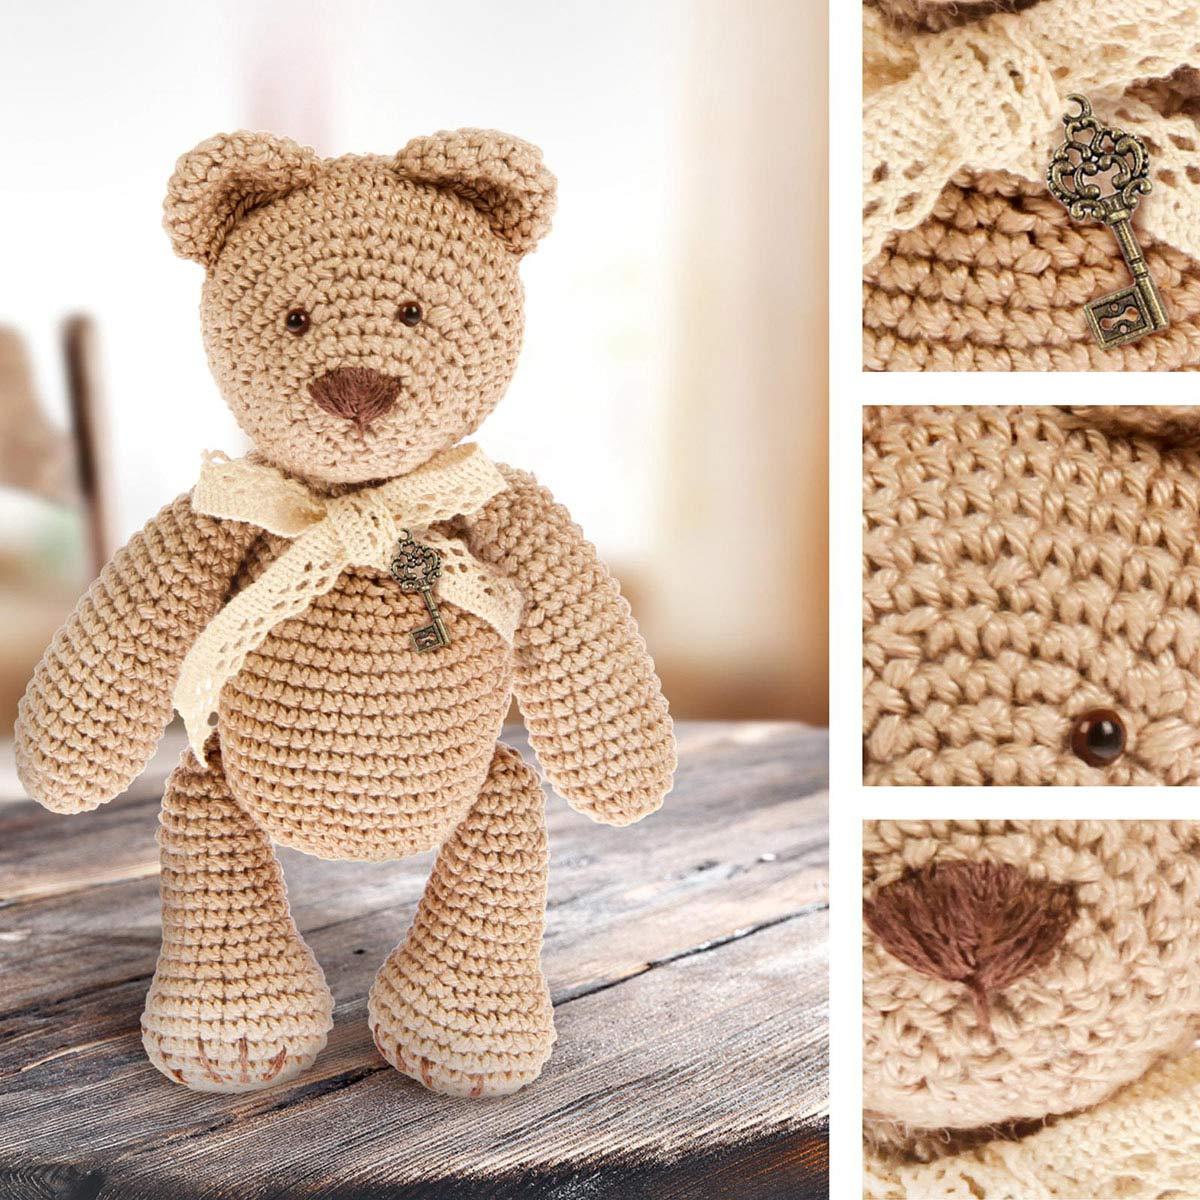 1657295 Мягкая игрушка 'Мишка Тоффи', набор для вязания, 12 см* 4 см*12,5 см